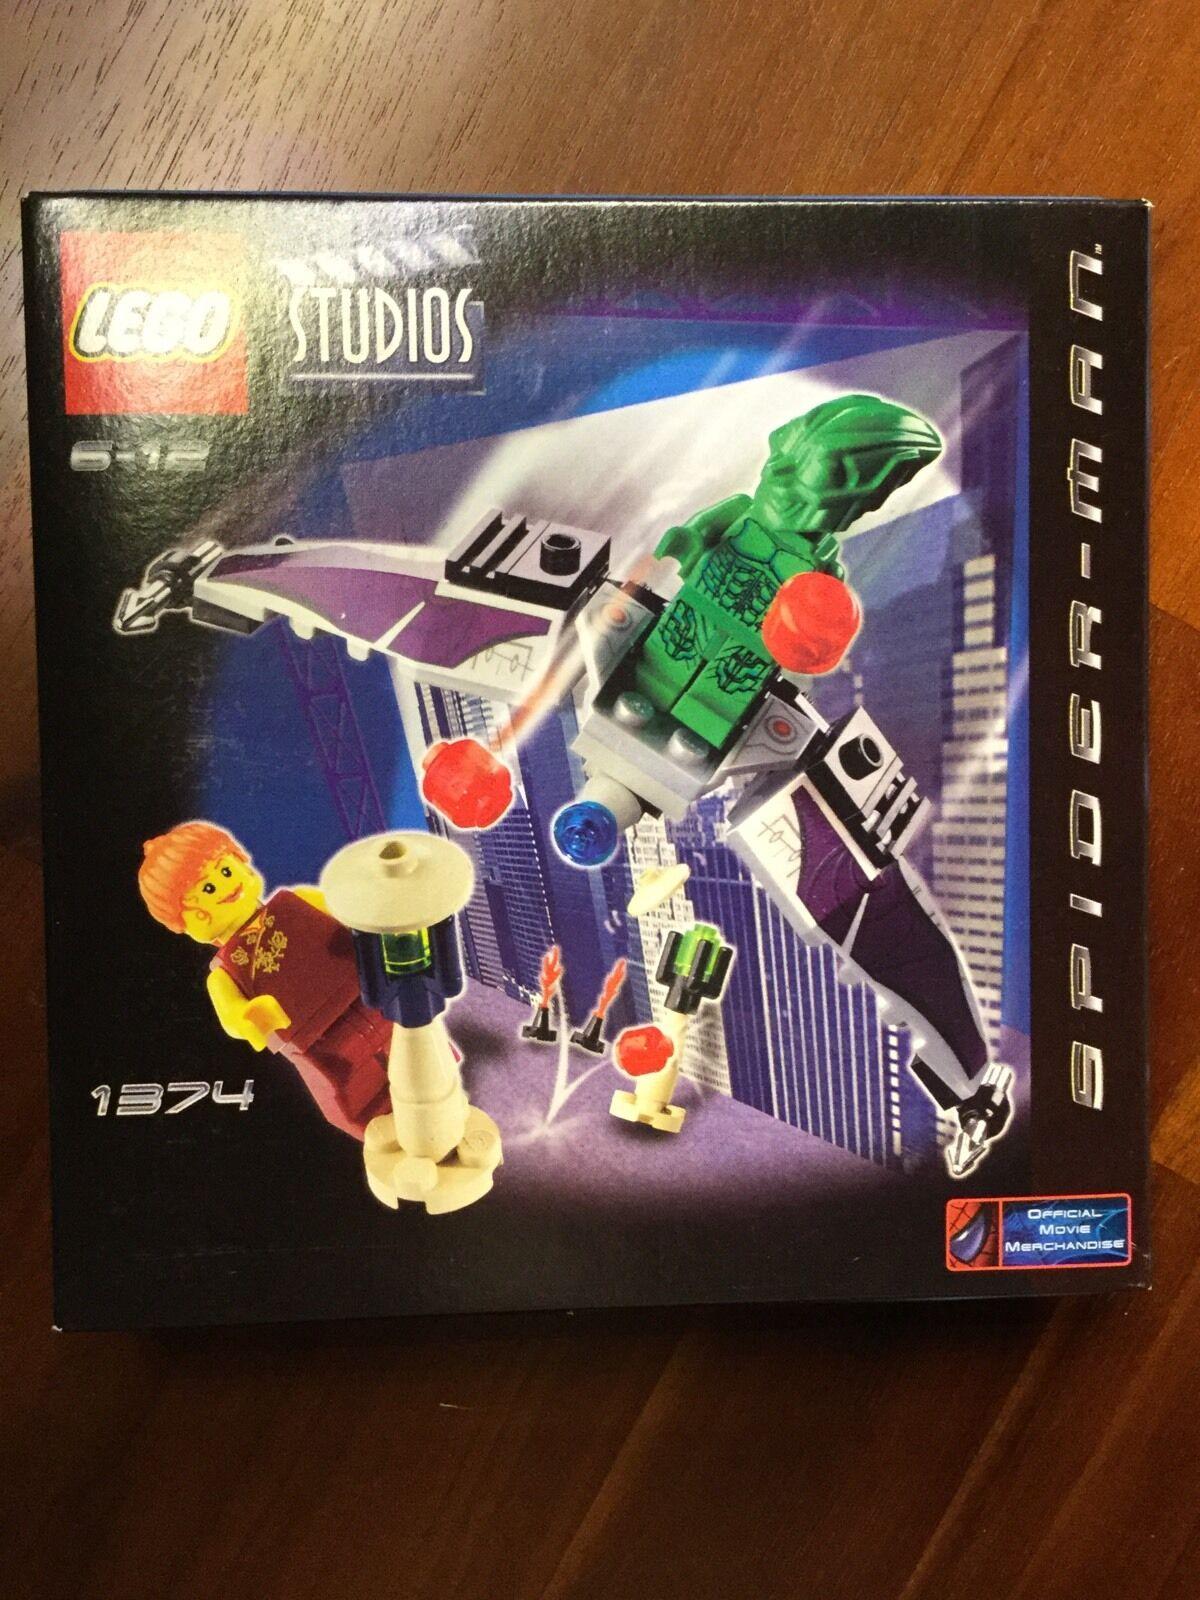 Lego Studios 1374 Spiderman Der grüne grüne grüne Kobold MISB ladenneu 27c0fc